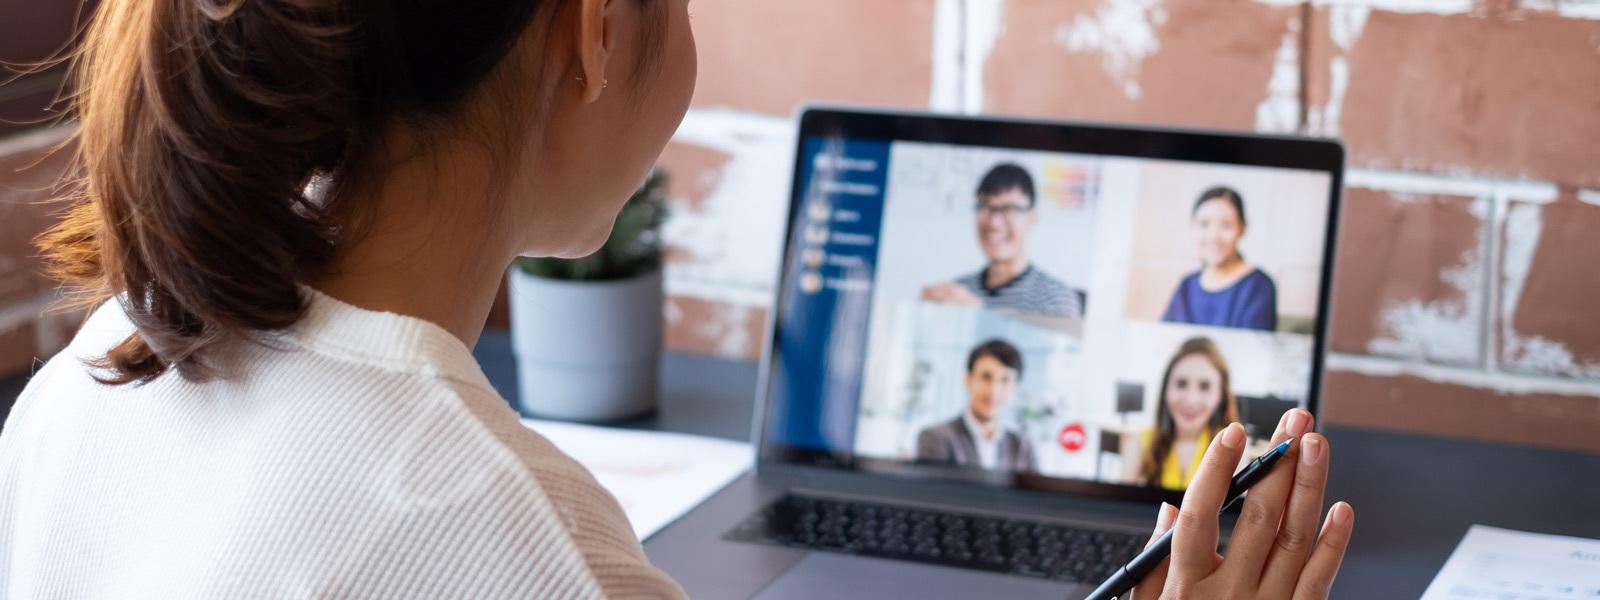 Image d'une femme ayant un appel vidéo en ligne avec des collègues.